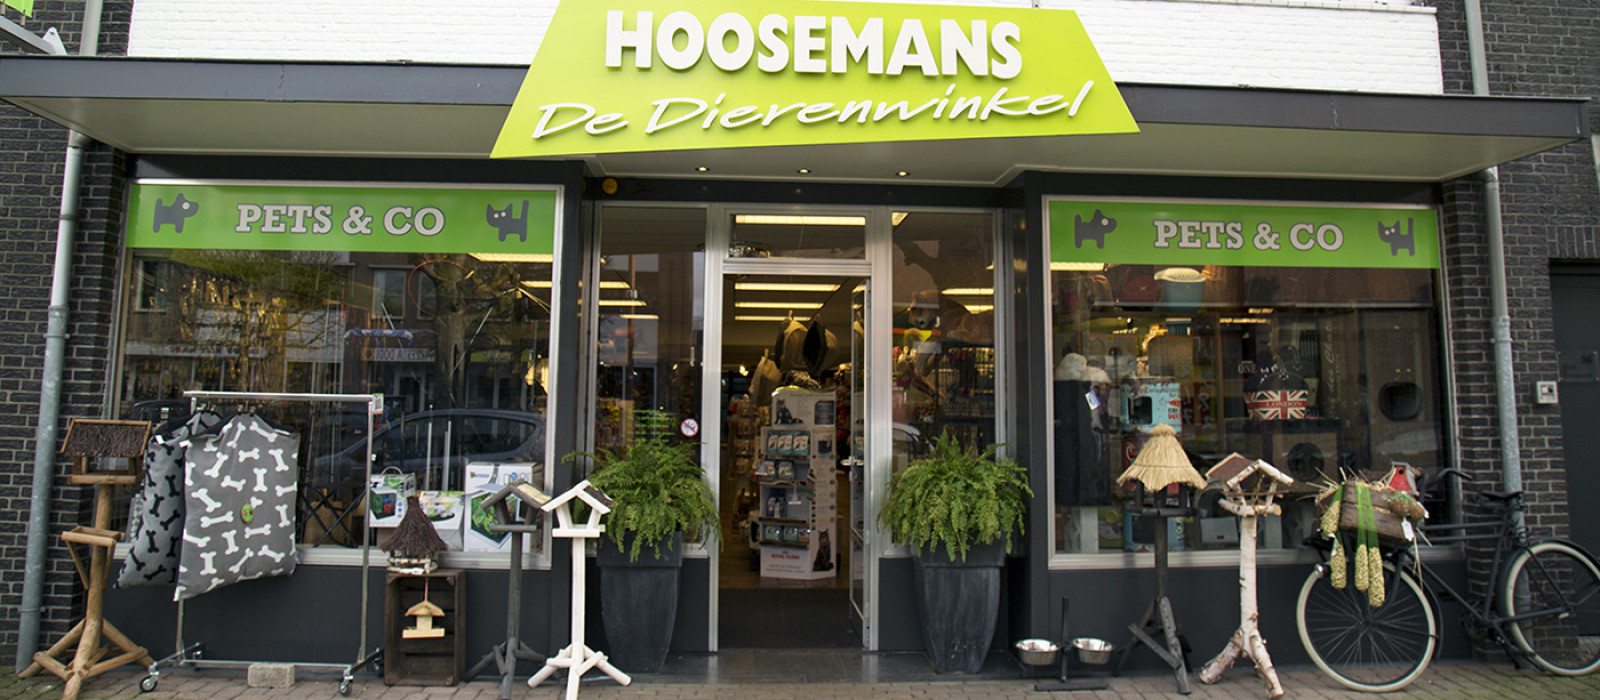 Dierenwinkel Hoosemans